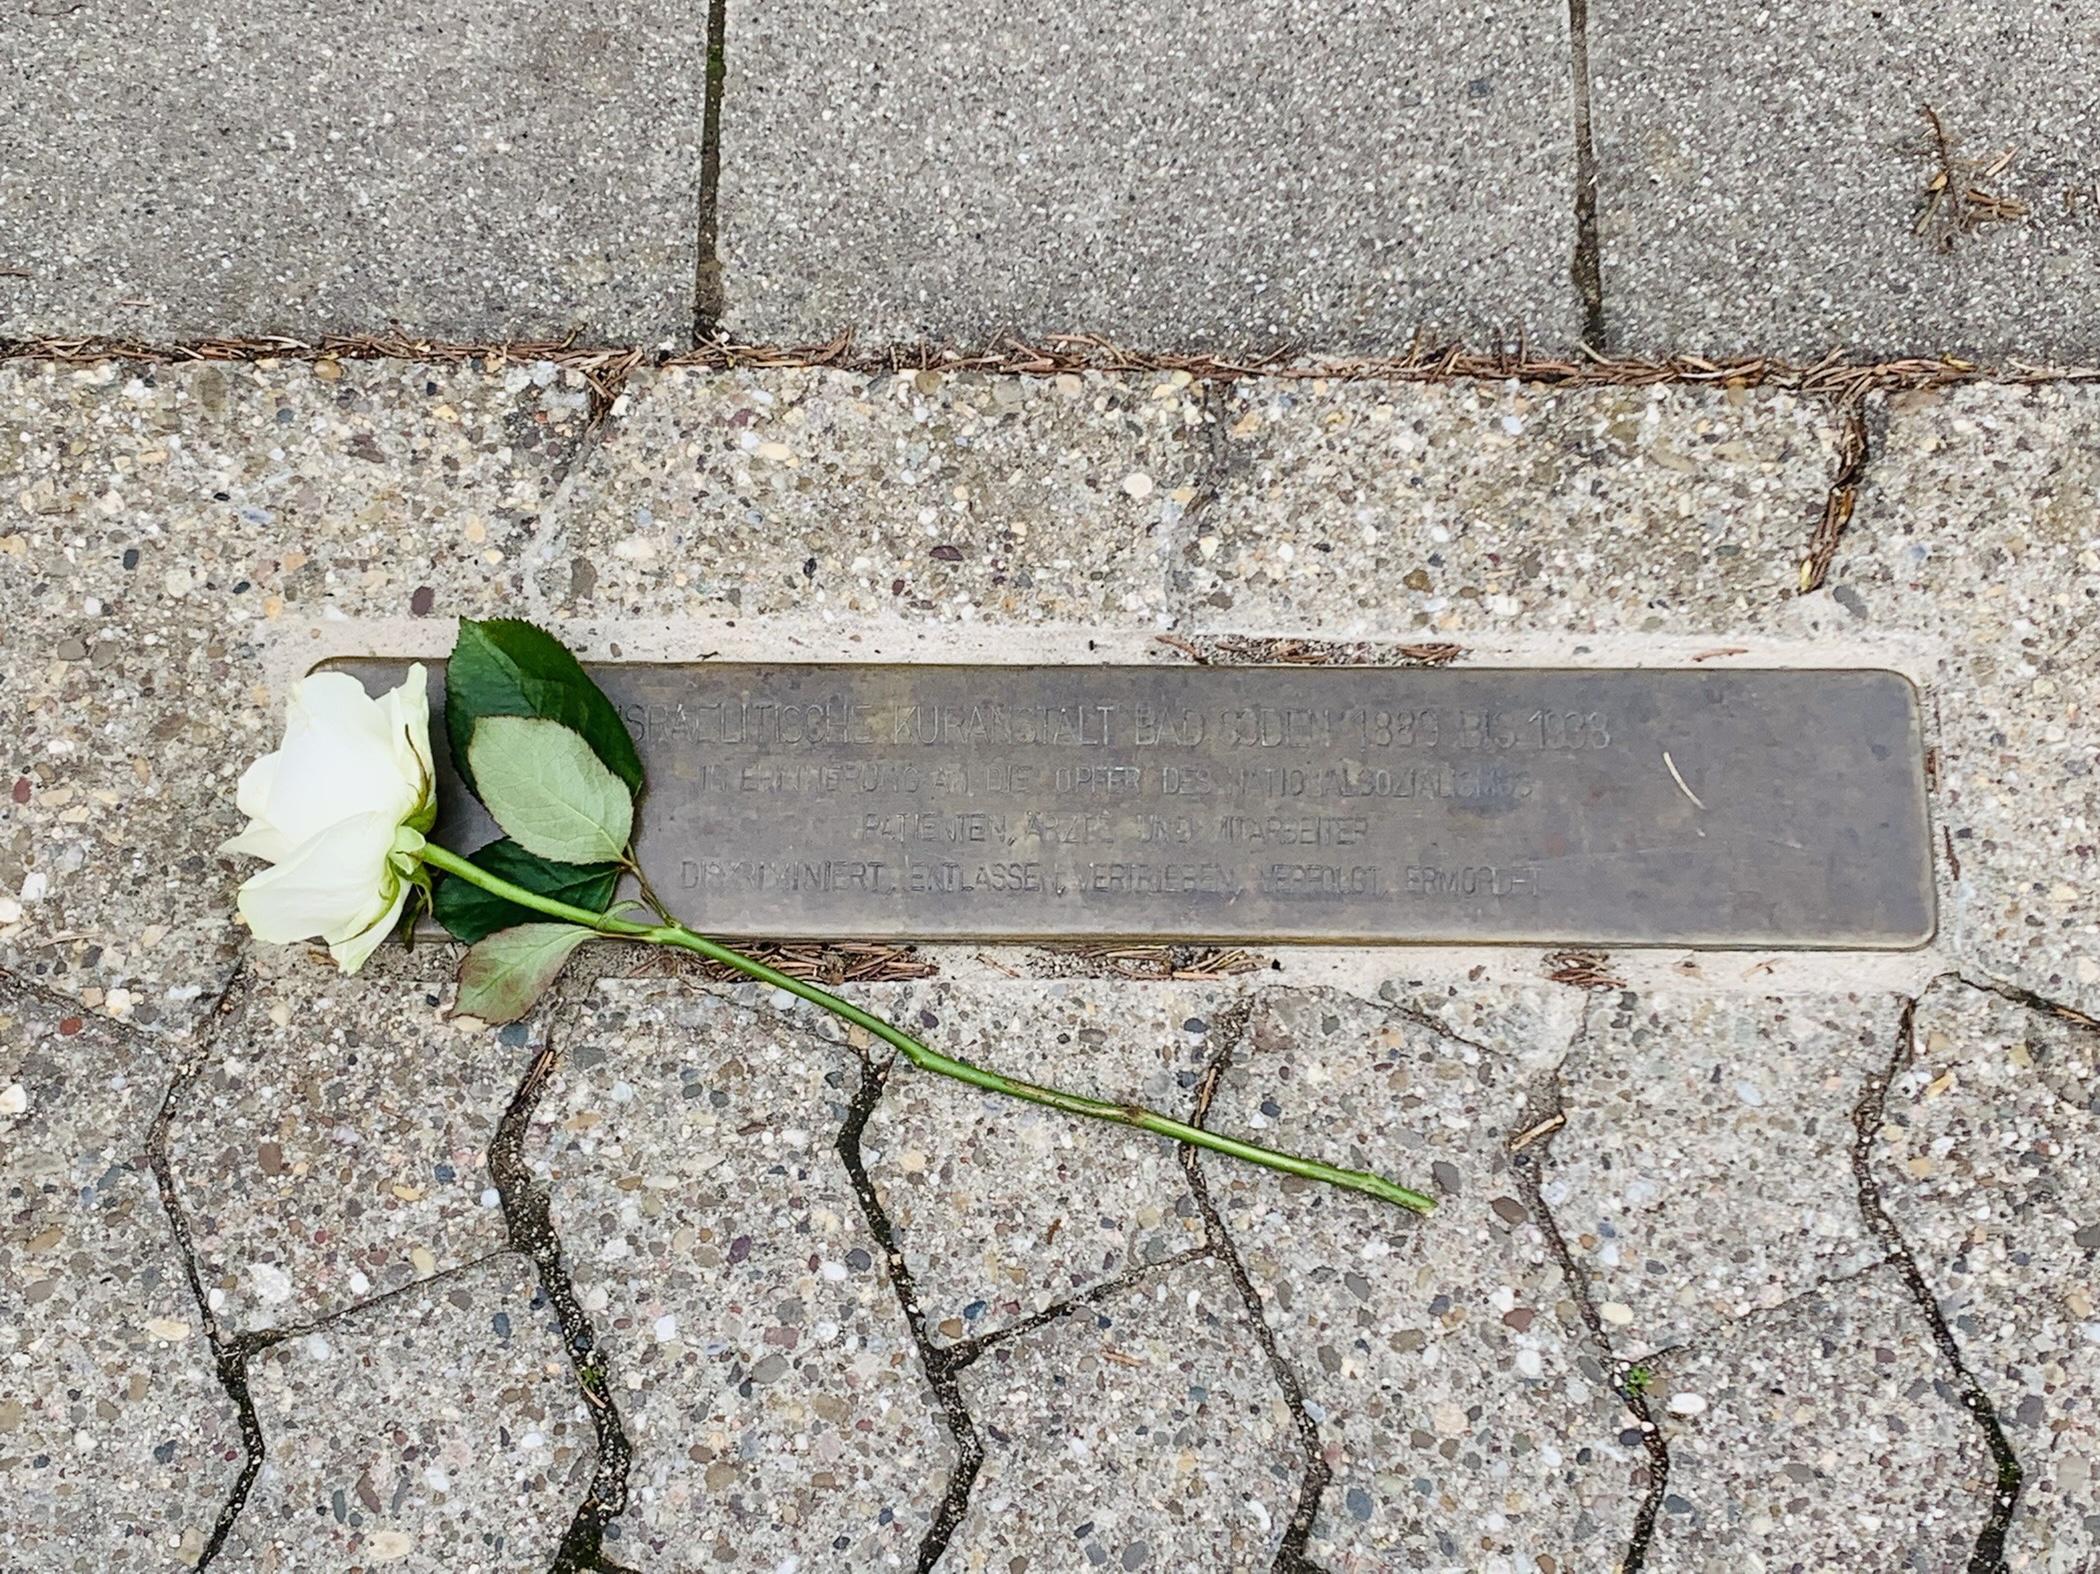 Drei weiße Rosen – Bad Sodens Grüne gedenken der Opfer der NS Herrschaft